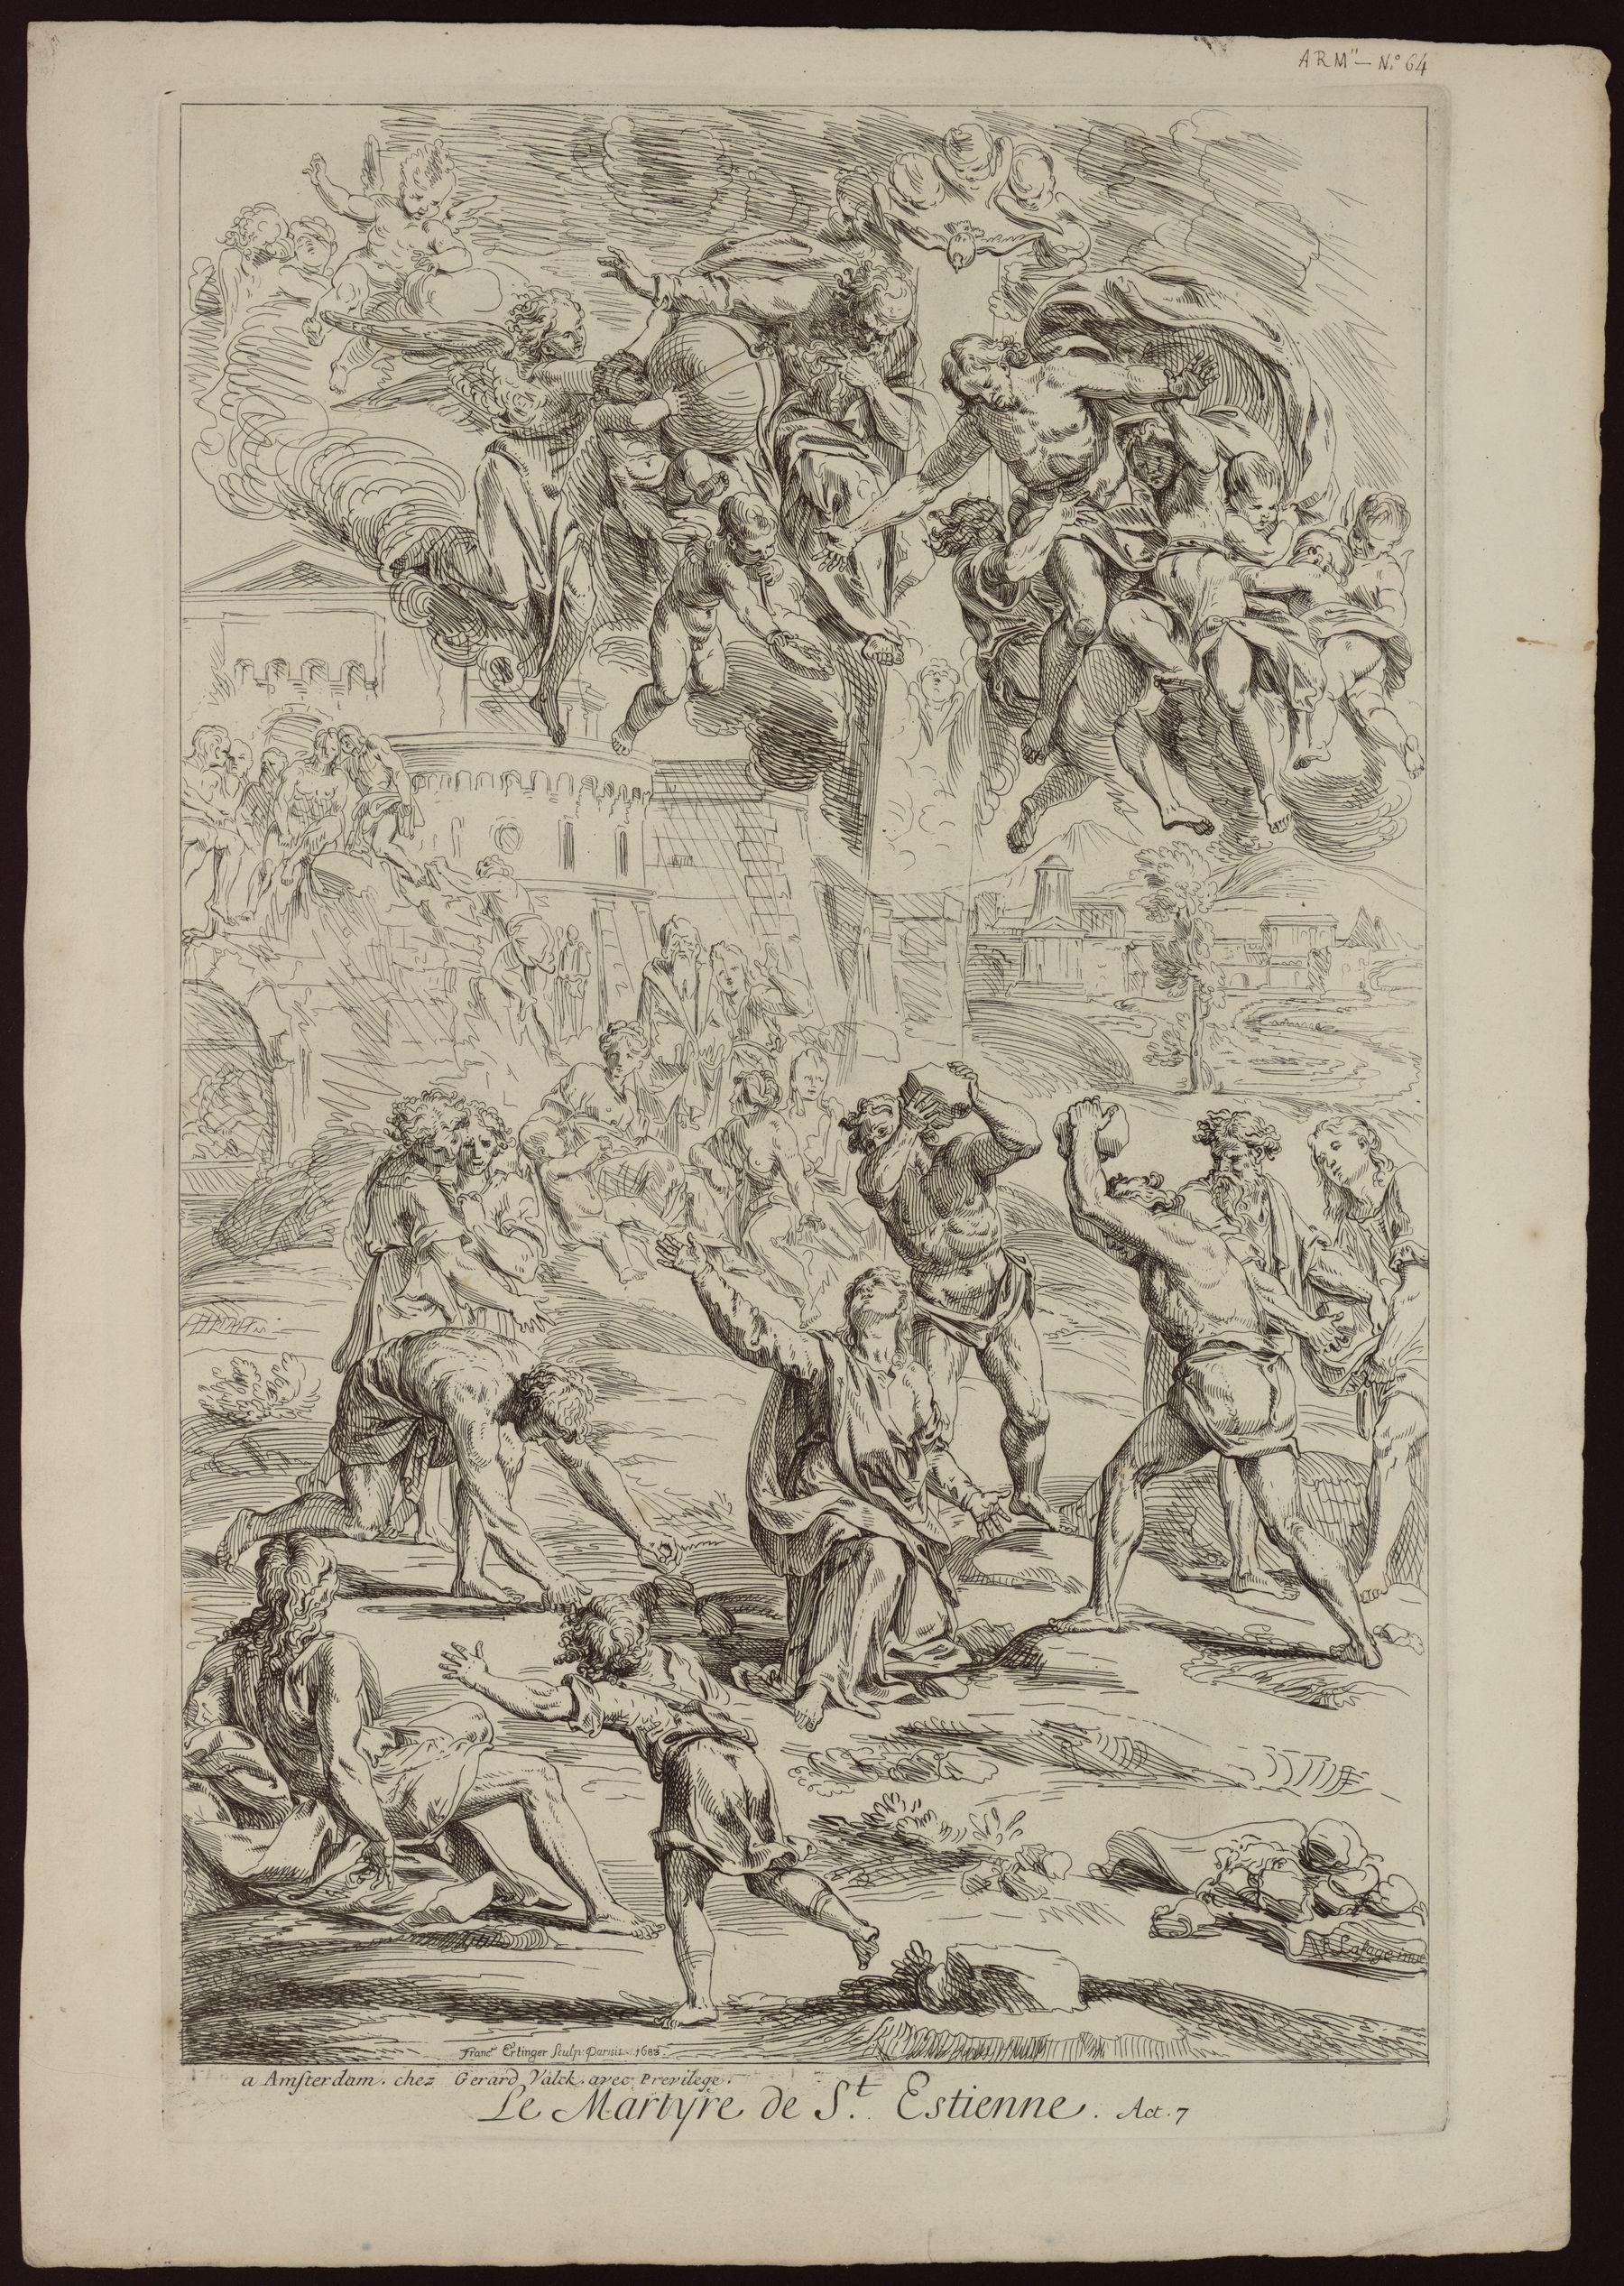 Contenu du Le martyre de St Etienne